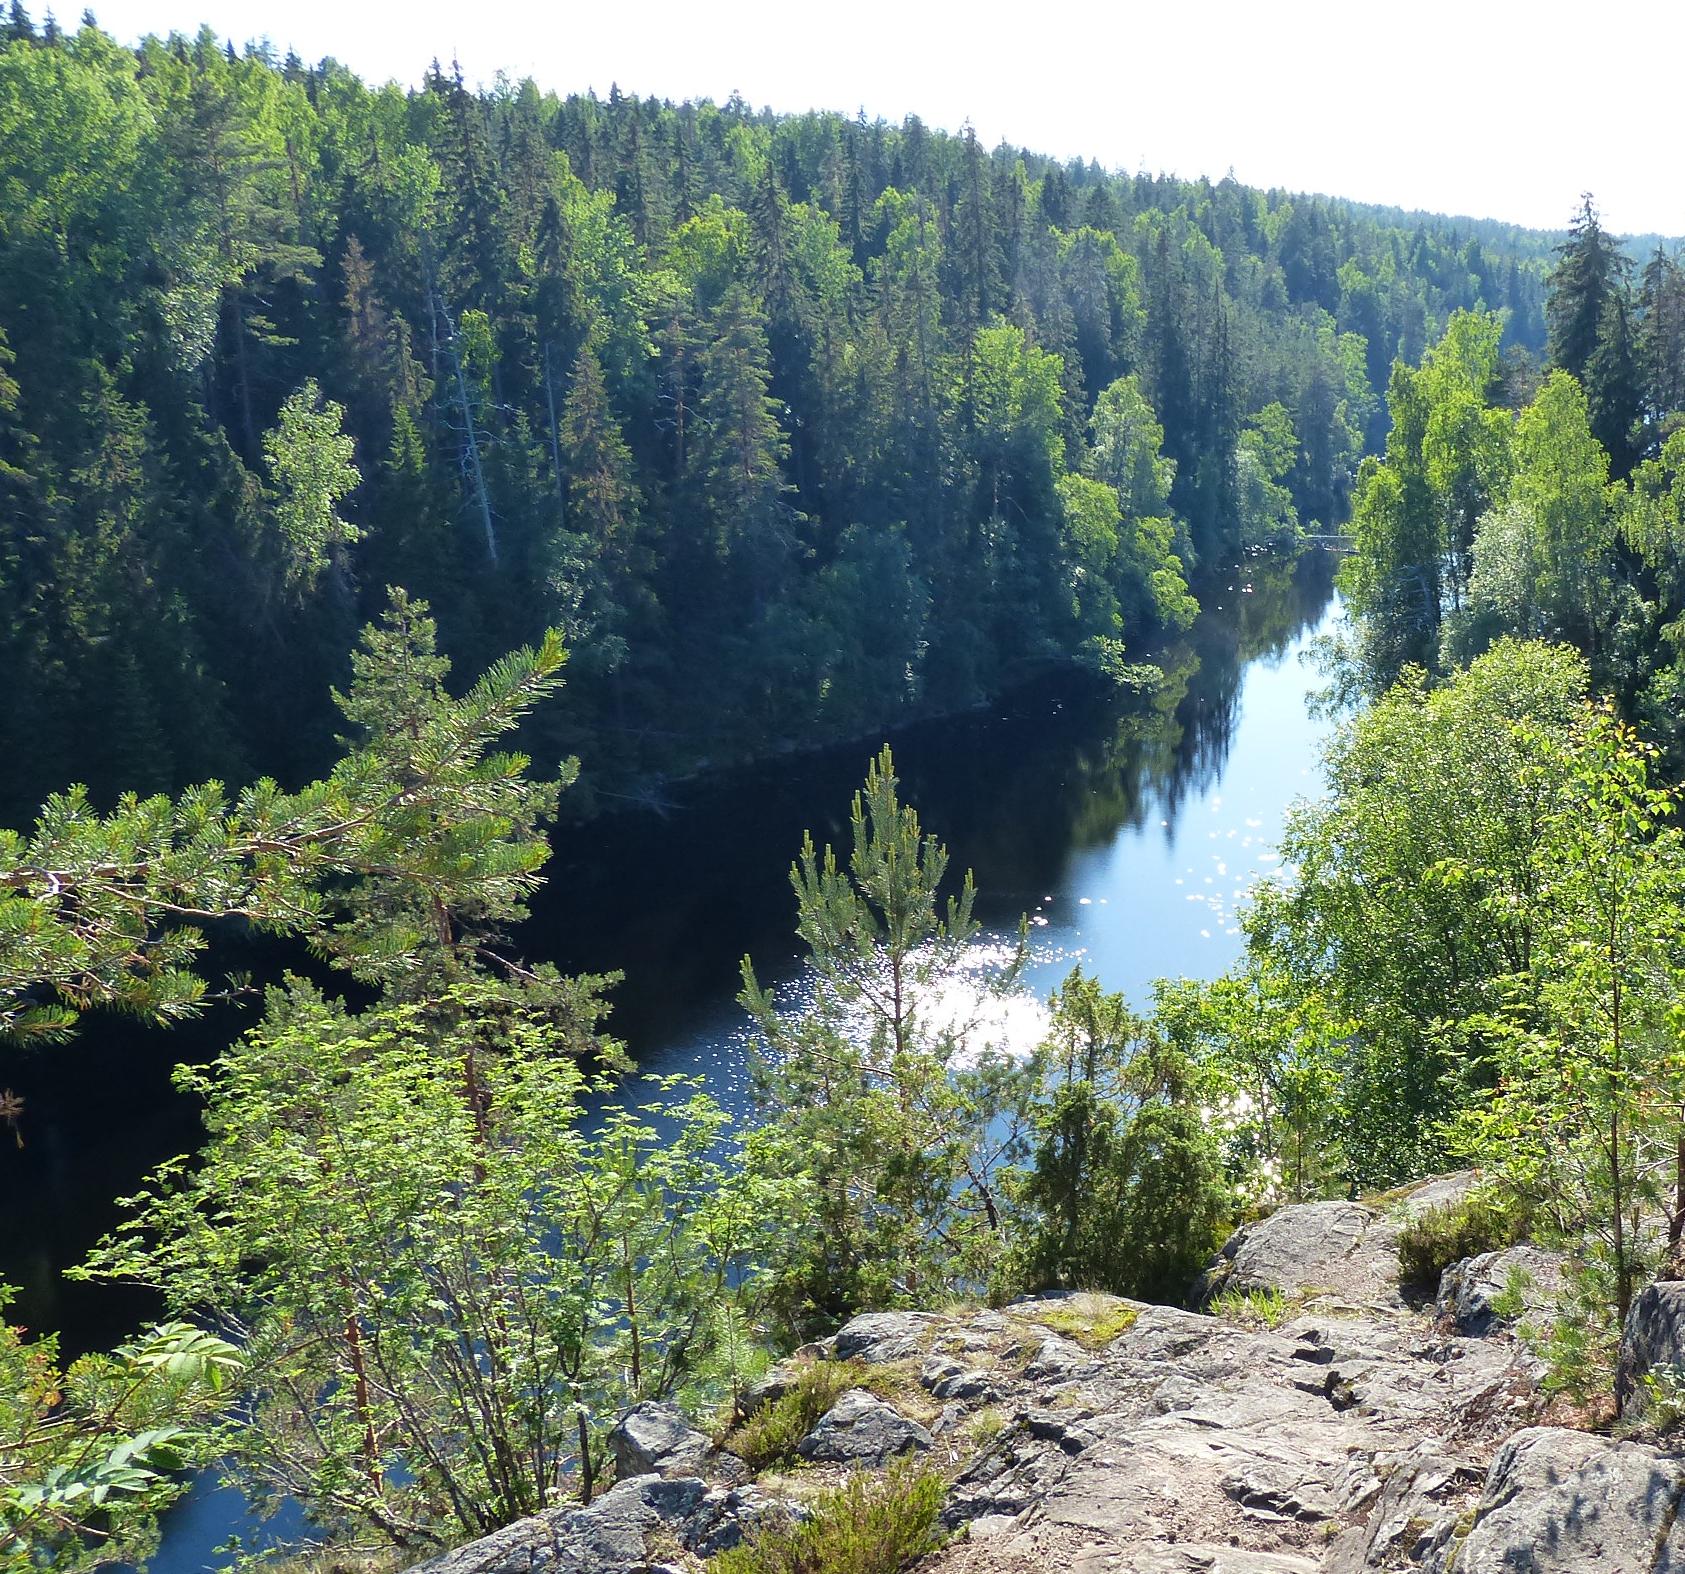 Helvetin Järvi